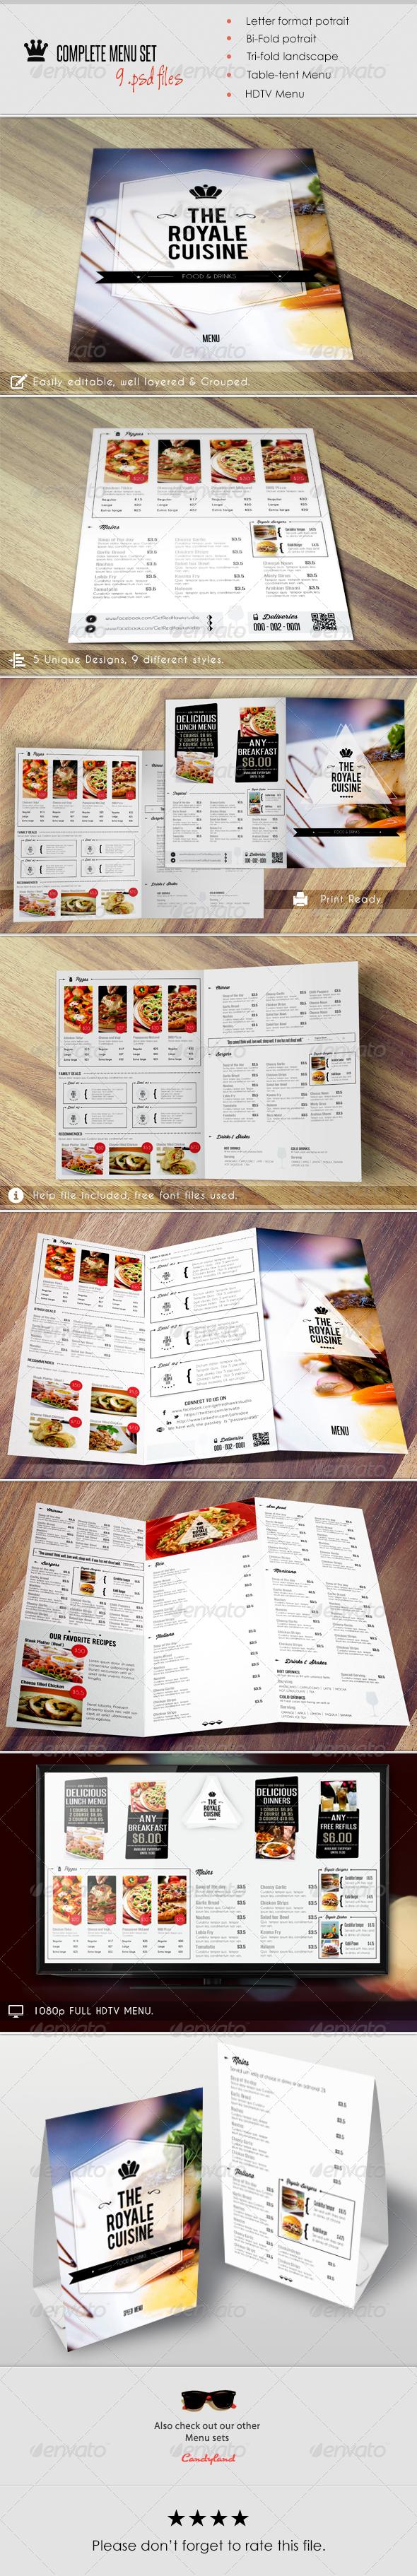 Menu Pack 2 - Food Menus Print Templates